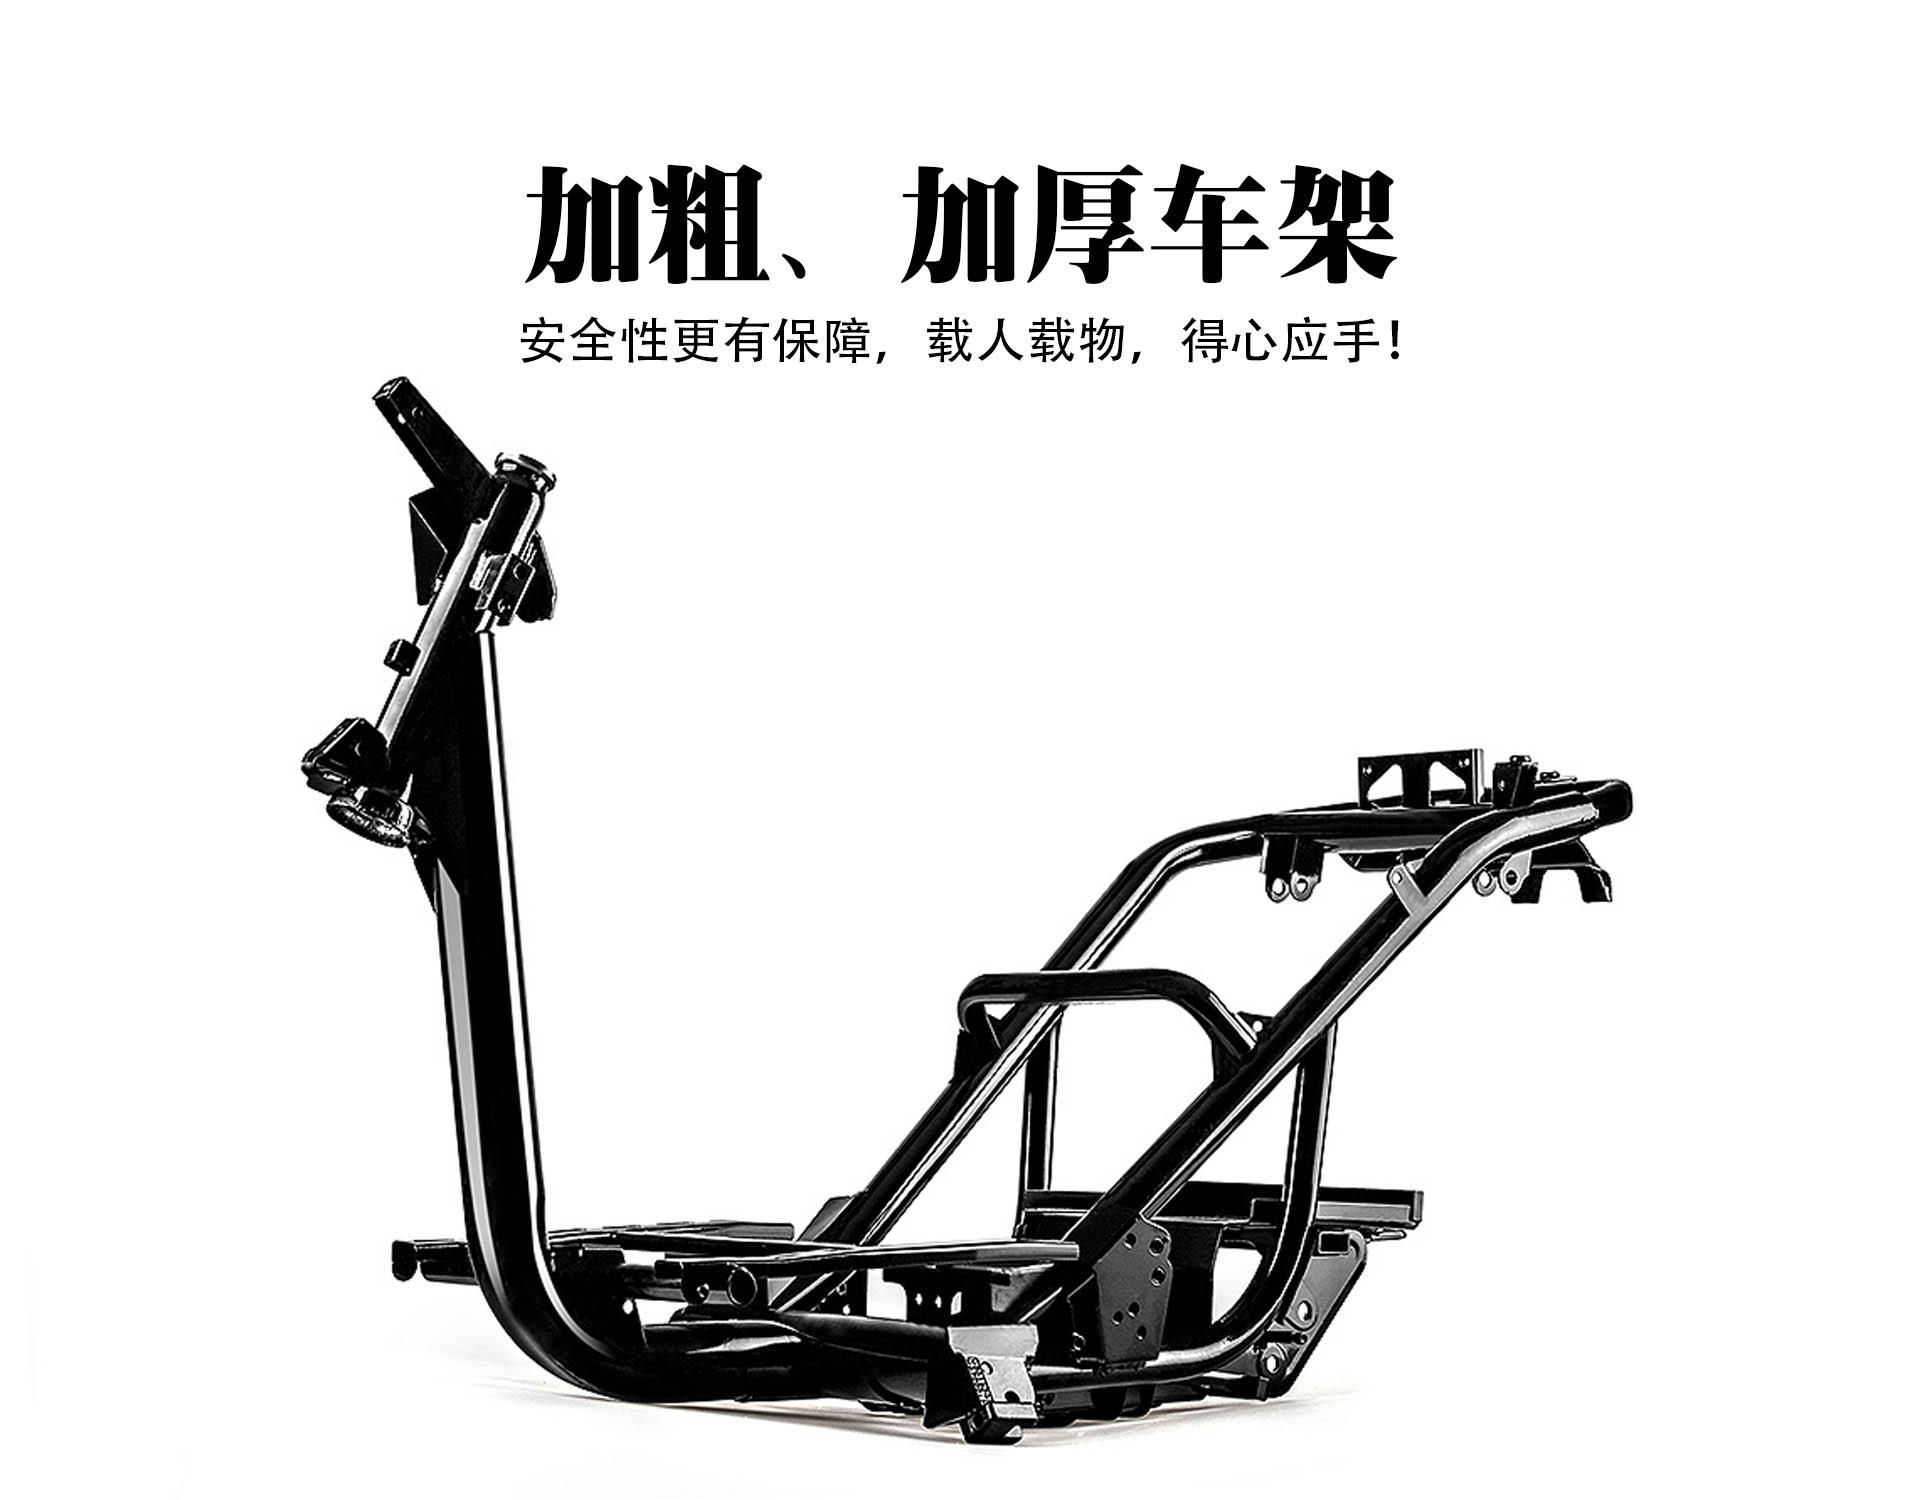 揚州杰寶大王電動車新款「無錫杰寶大王電動車供應」